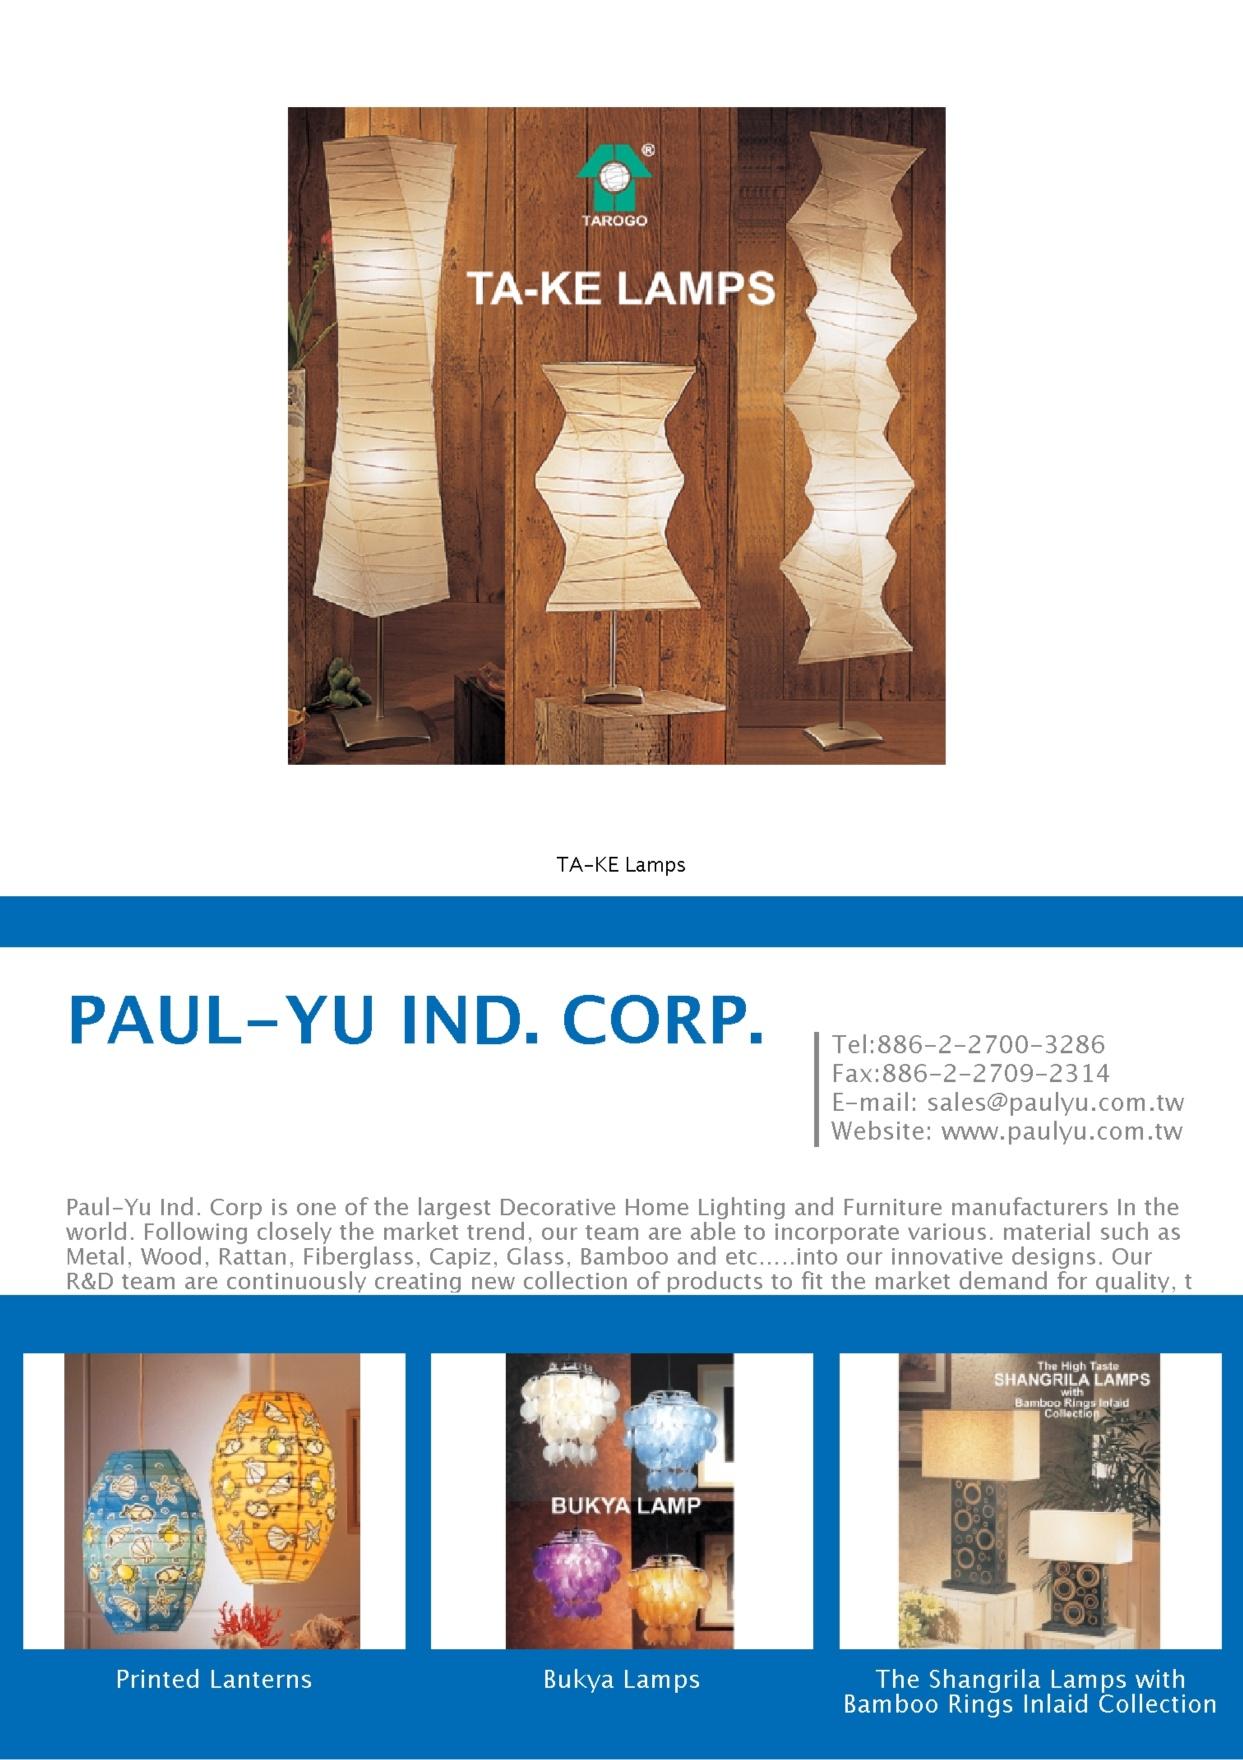 PAUL-YU IND. CORP.